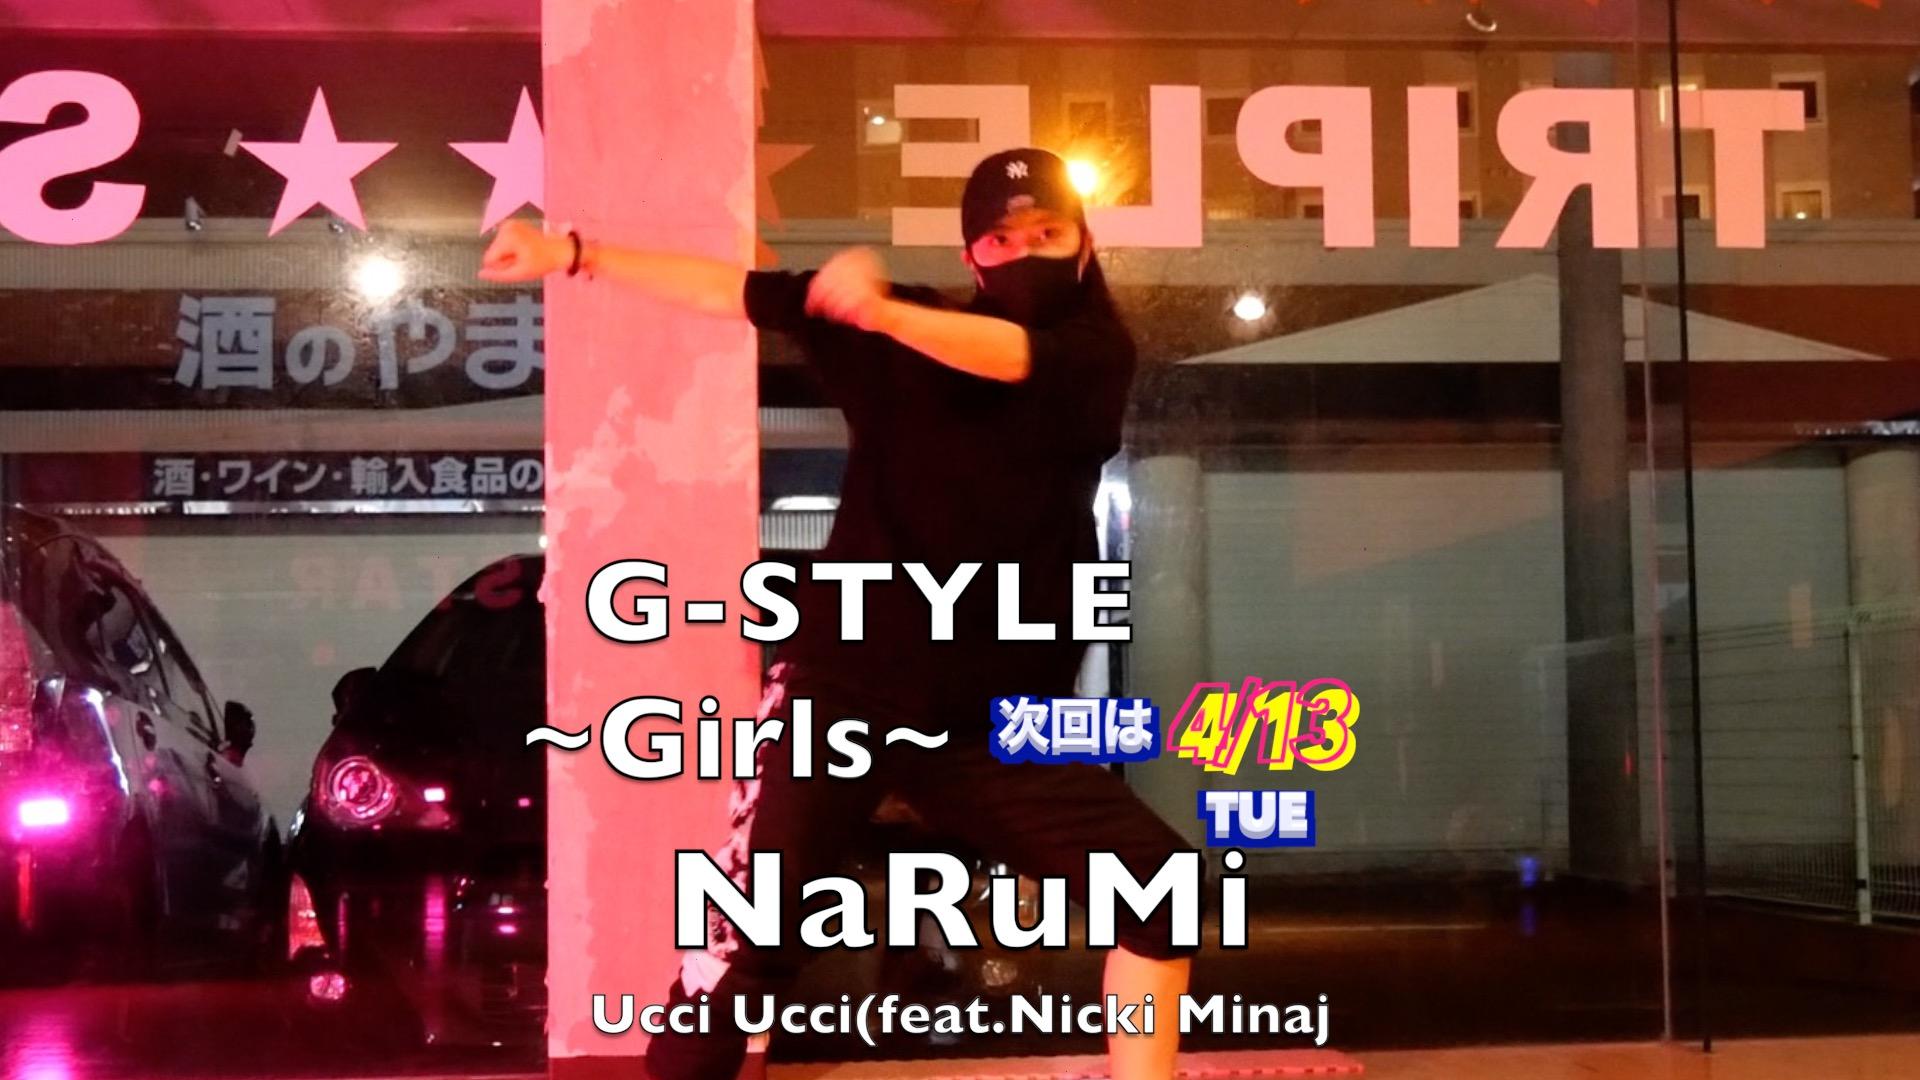 宿題!振り付けレクチャー G-STYLE~Girls~次回は4/13火曜日